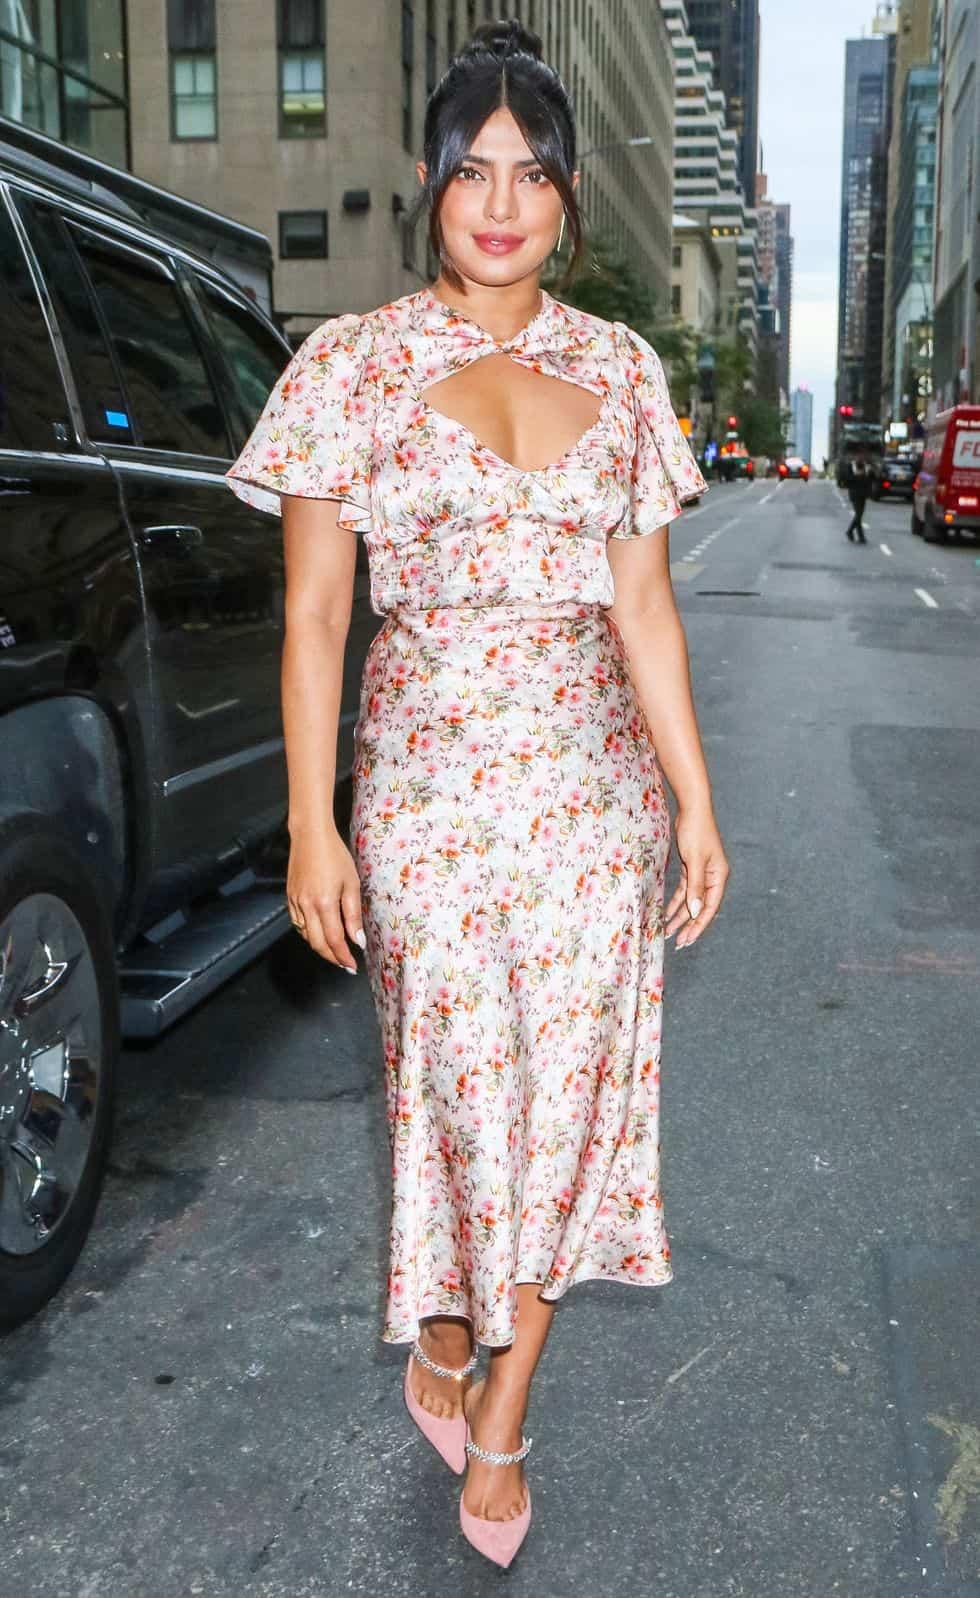 فستان زهري مزين بالورود